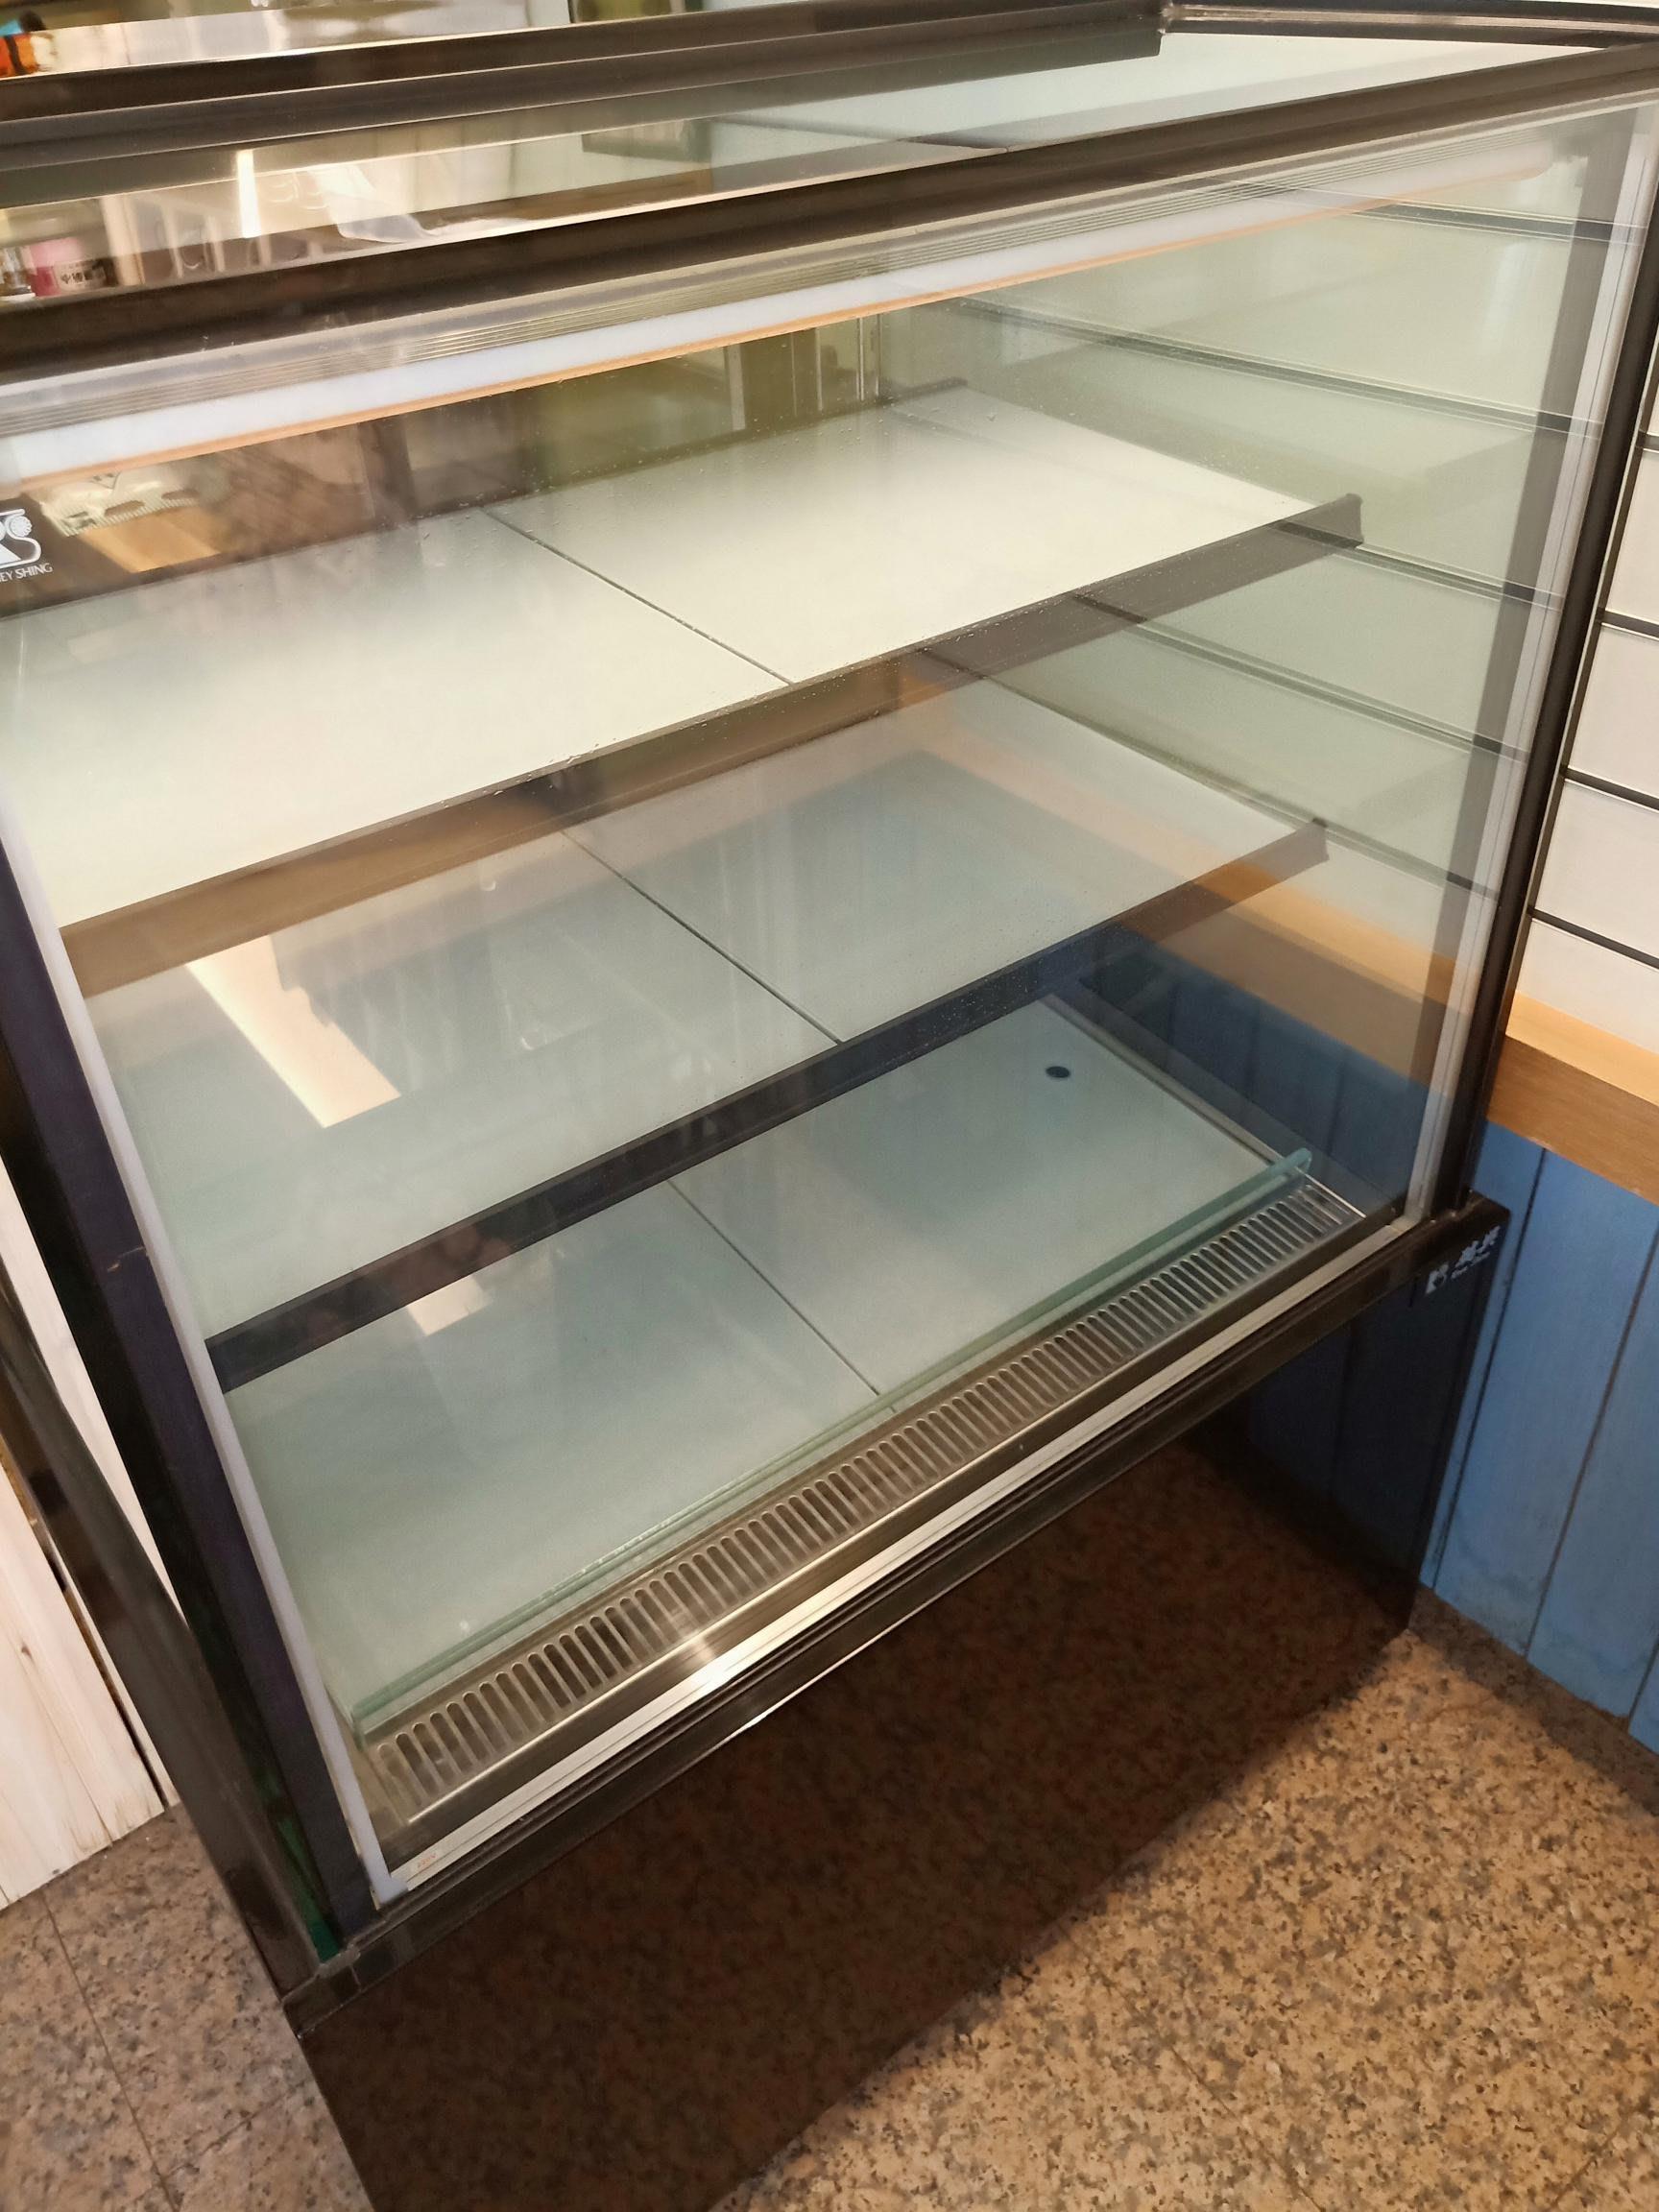 直角落地型蛋糕櫃 3尺3層玻璃LED燈 原價65000元,全新誠售48000元(高雄市區免運)